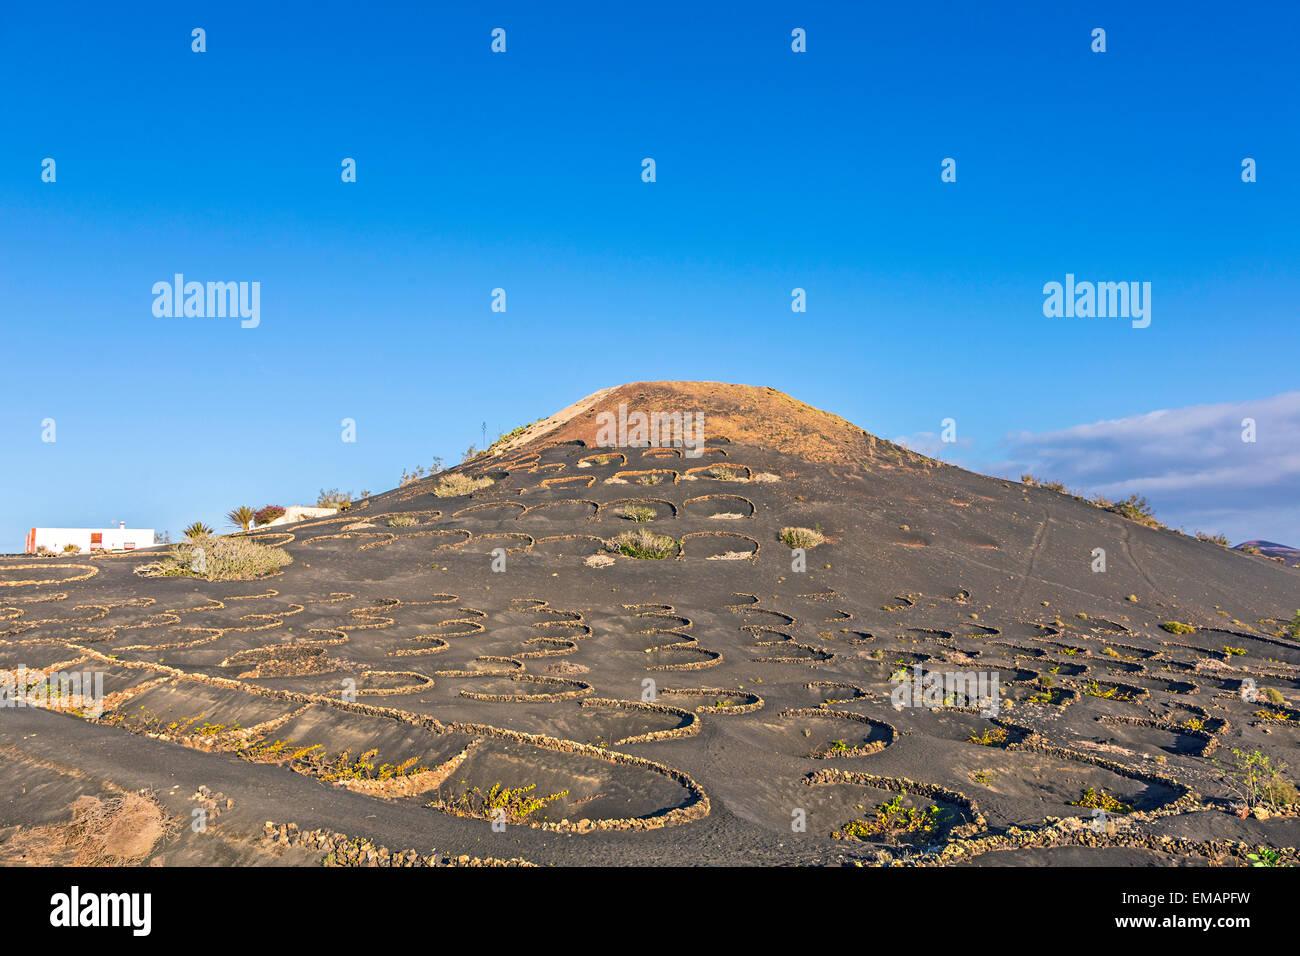 volcano in La Geria, Lanzarote - Stock Image